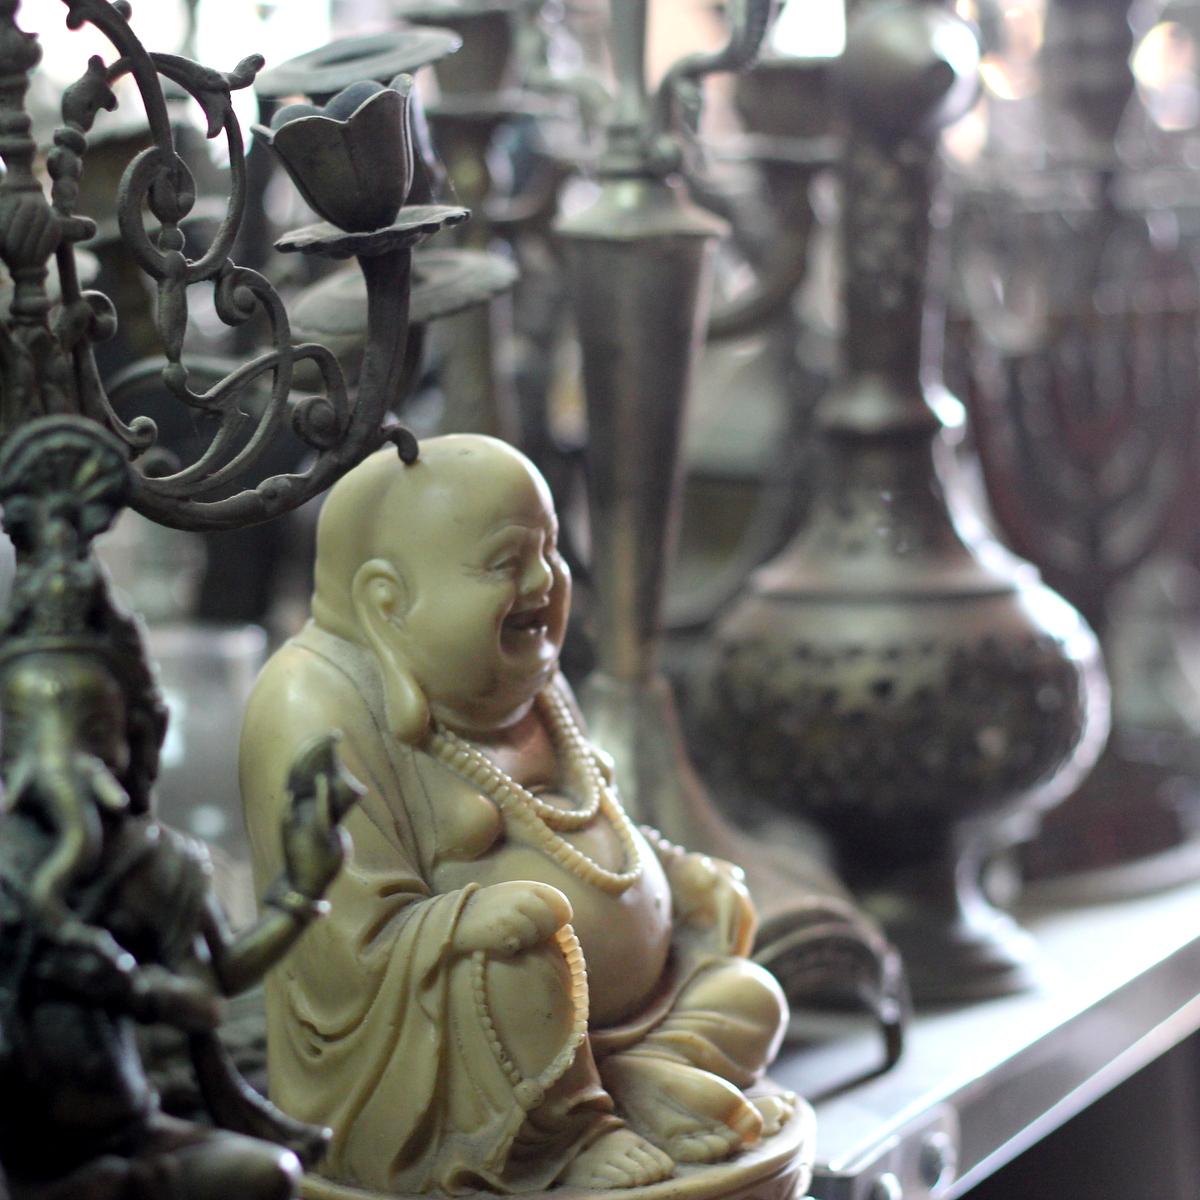 חנות אפלולית של חנוכיות וכלי פליז עם בודהה יחיד ומיוחד זו סיבה לאהוב שווקי פשפשים